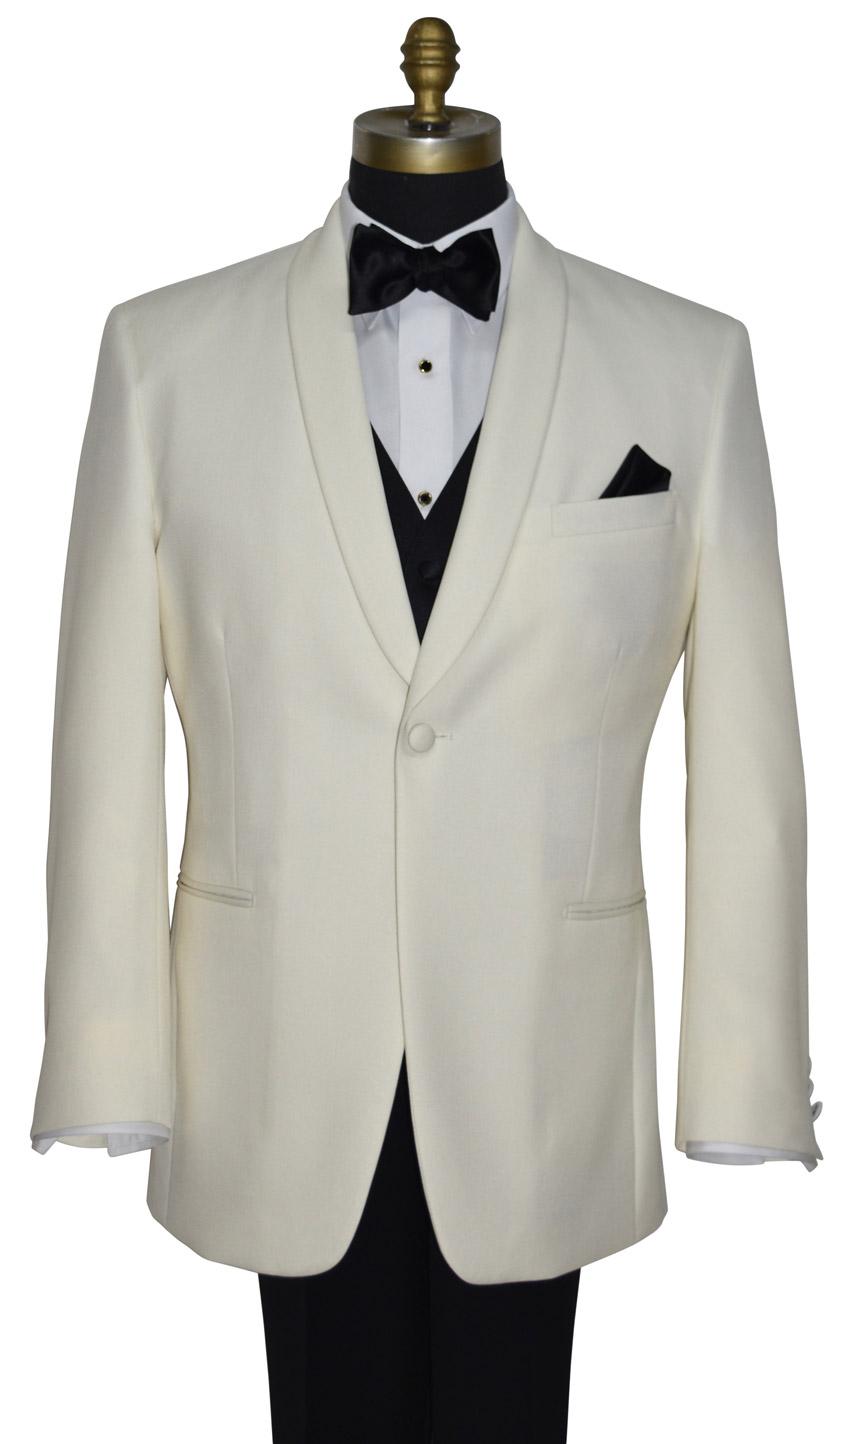 Ivory Shawl Collar Dinner Jacket Tuxedo Coat Only